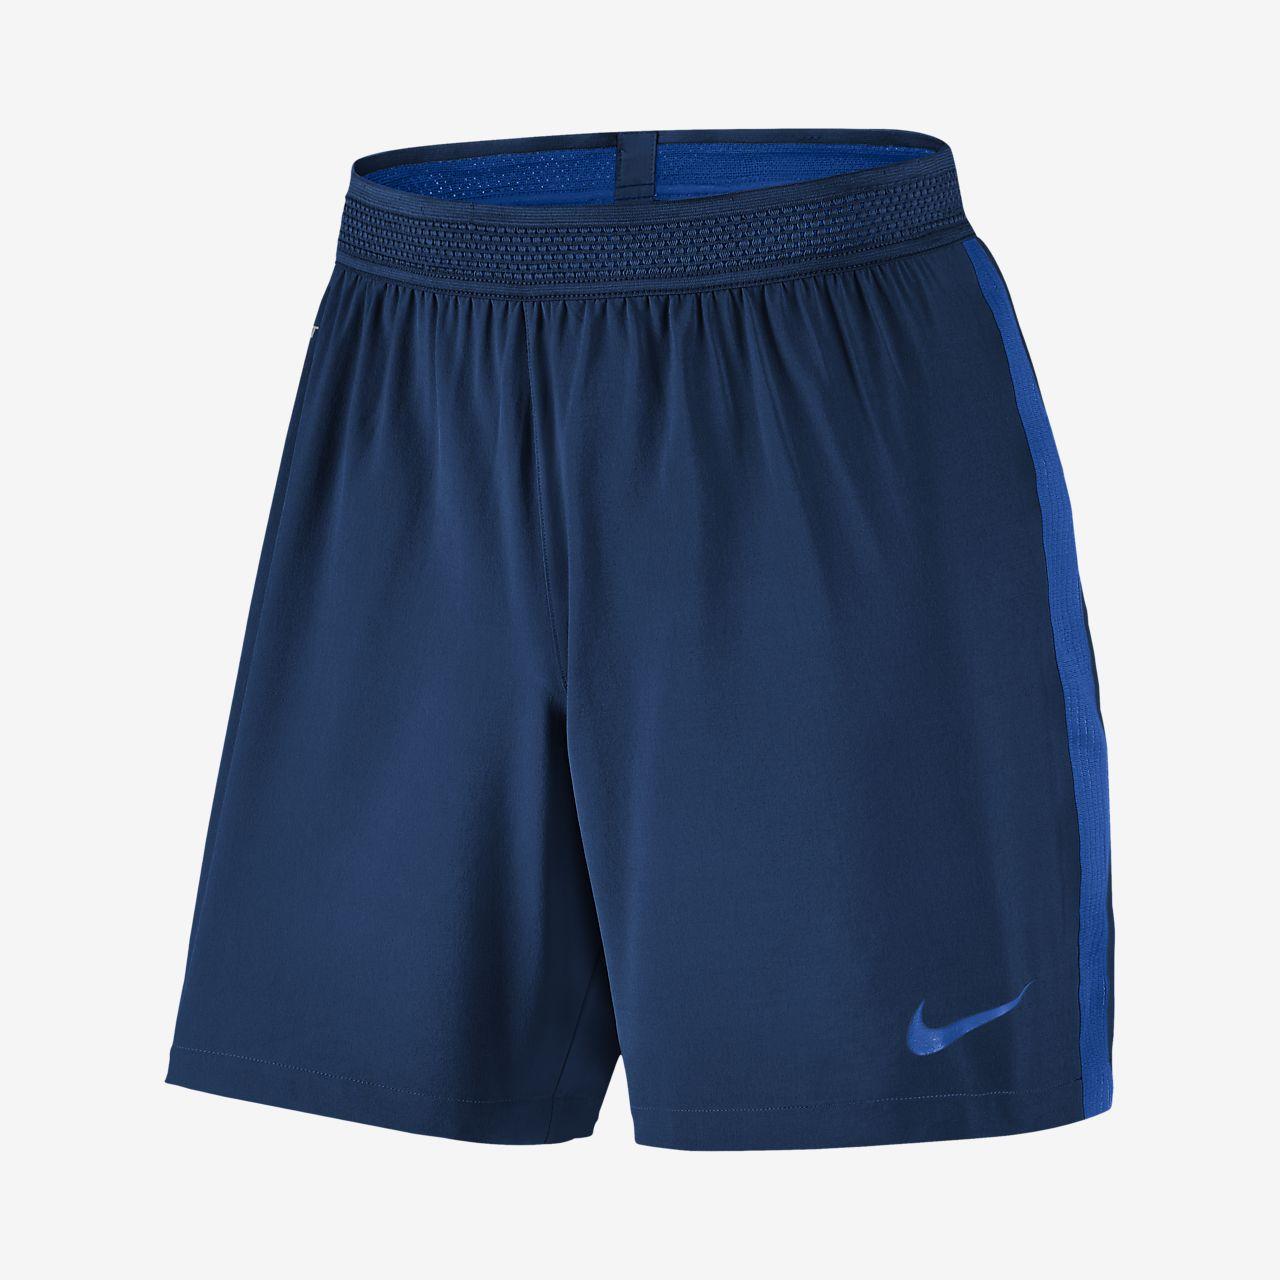 Shorts da calcio Nike Flex Strike - Uomo